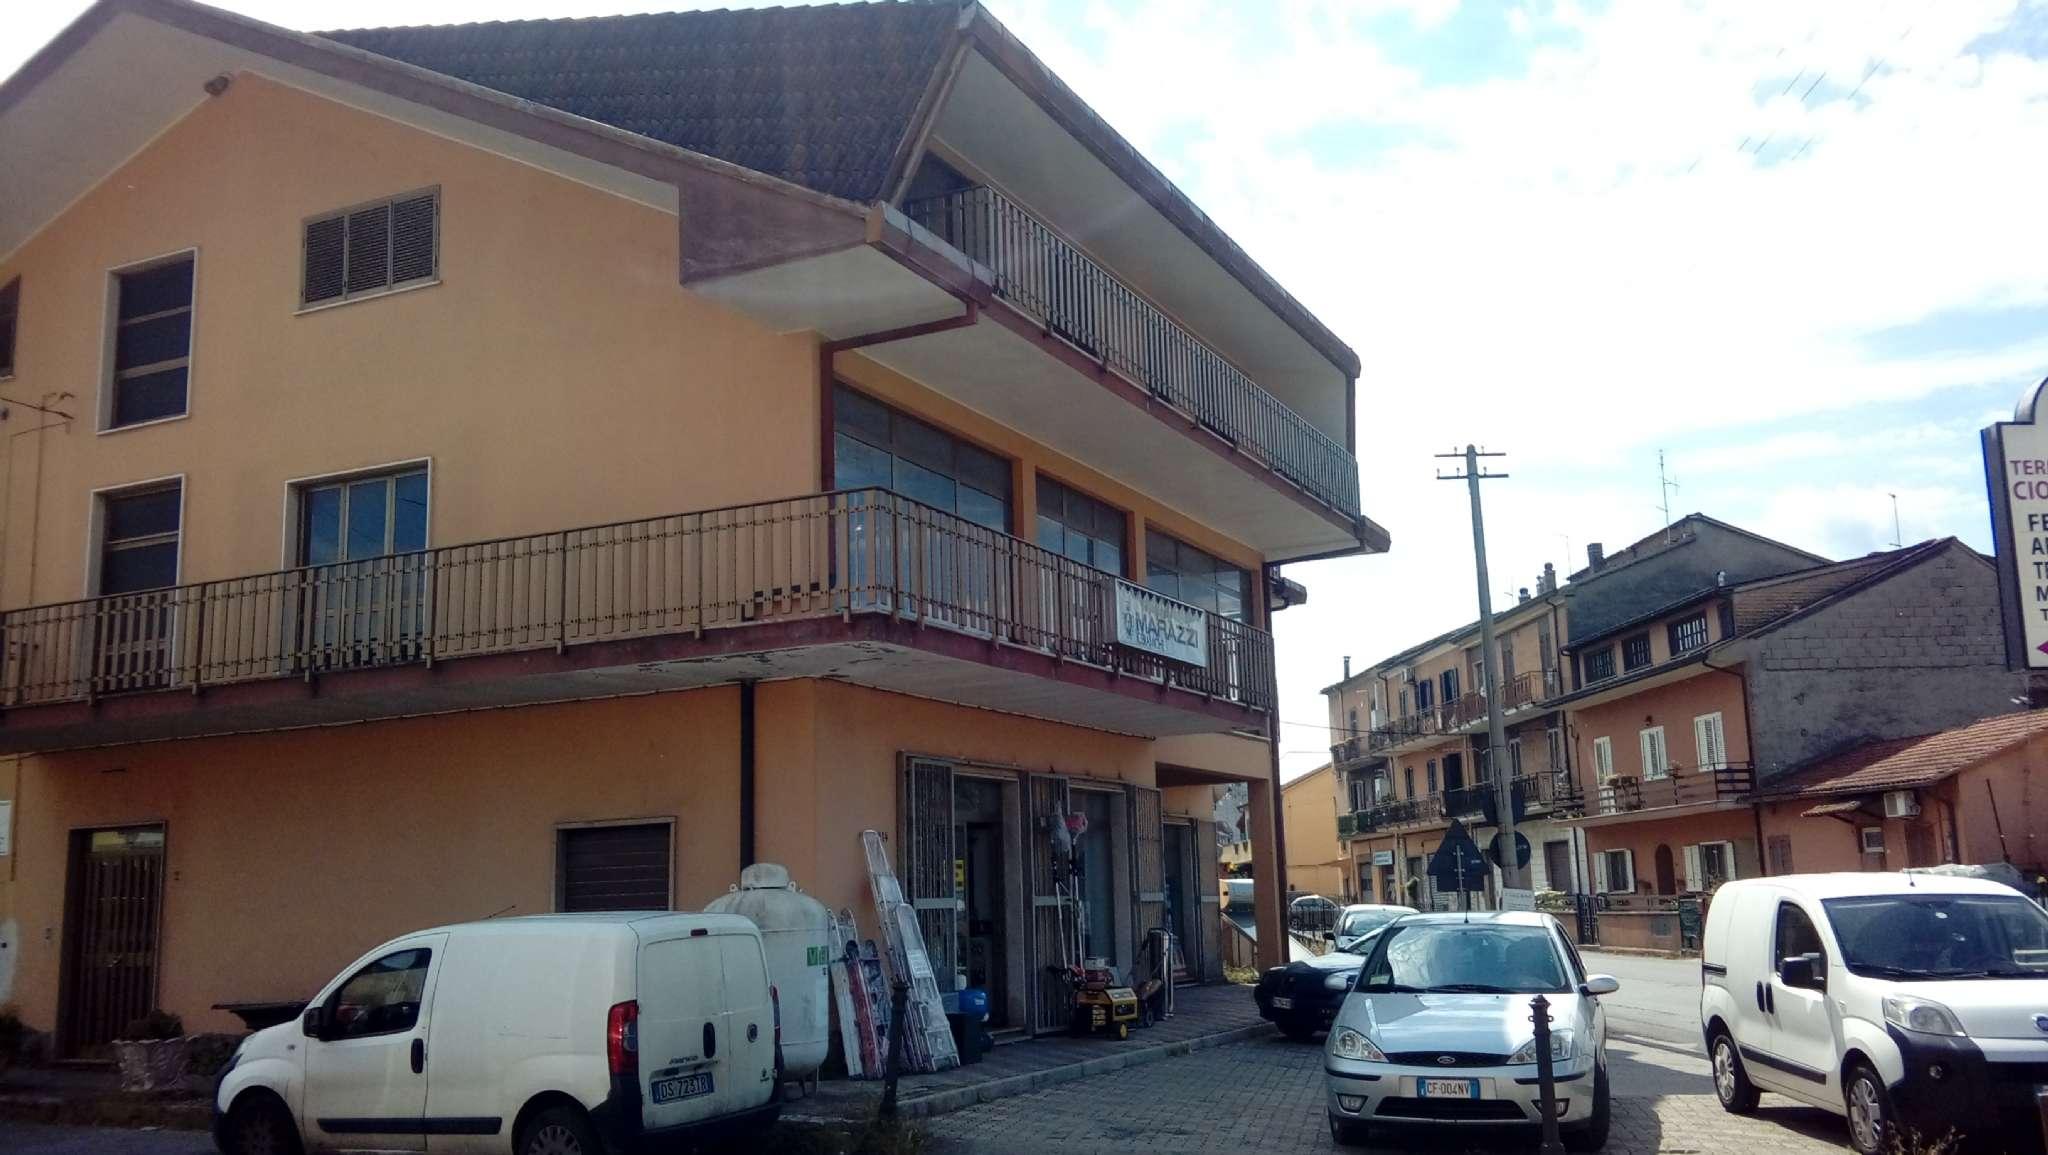 Negozio / Locale in affitto a Ceccano, 1 locali, prezzo € 950 | CambioCasa.it